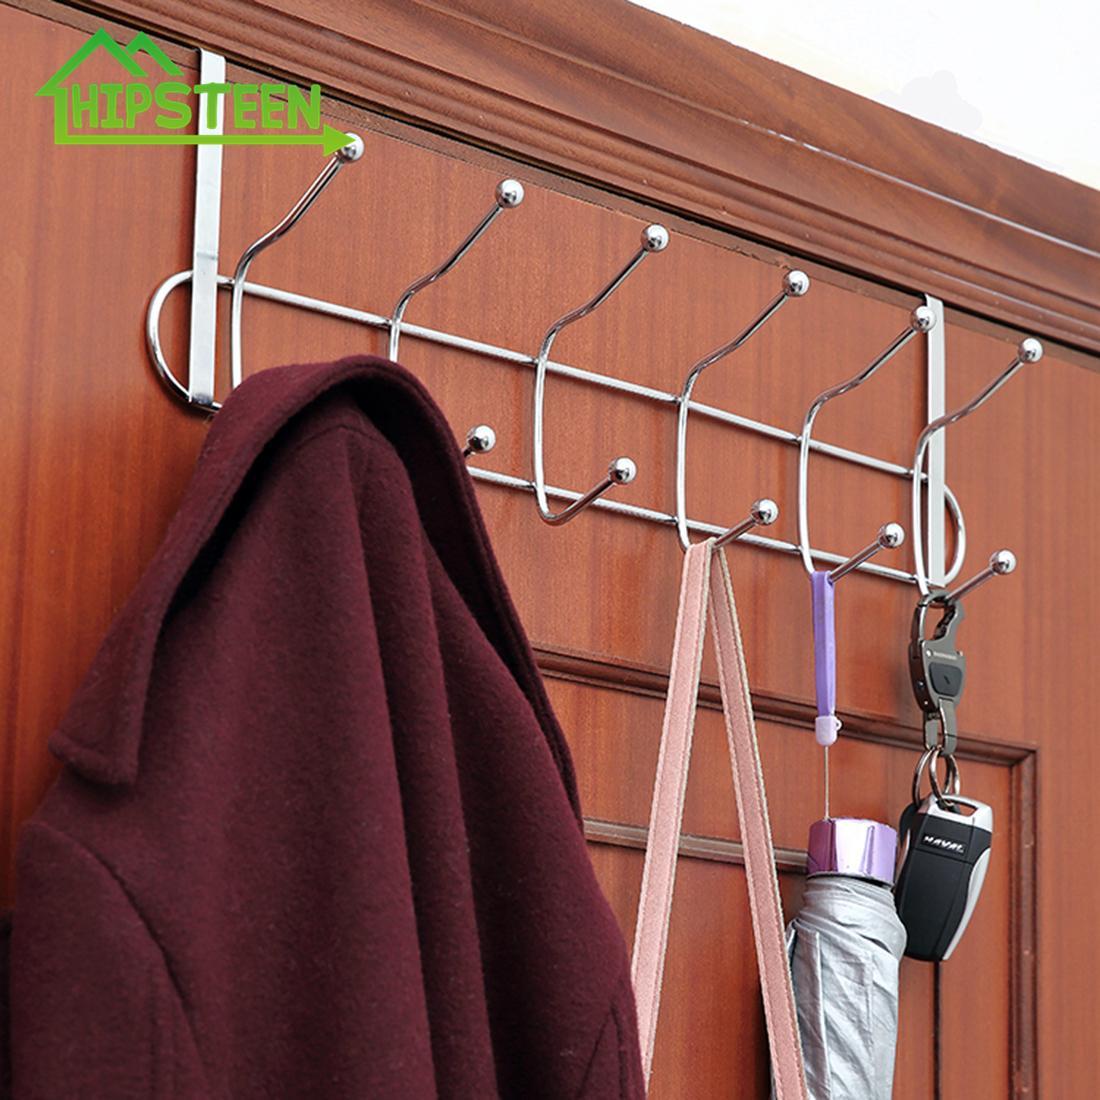 12 Ganchos de baño puerta colgando rack de cocina colgados Organizador ropa colgada en la puerta ganchos Sobre puerta del sostenedor del estante de la toalla T200319